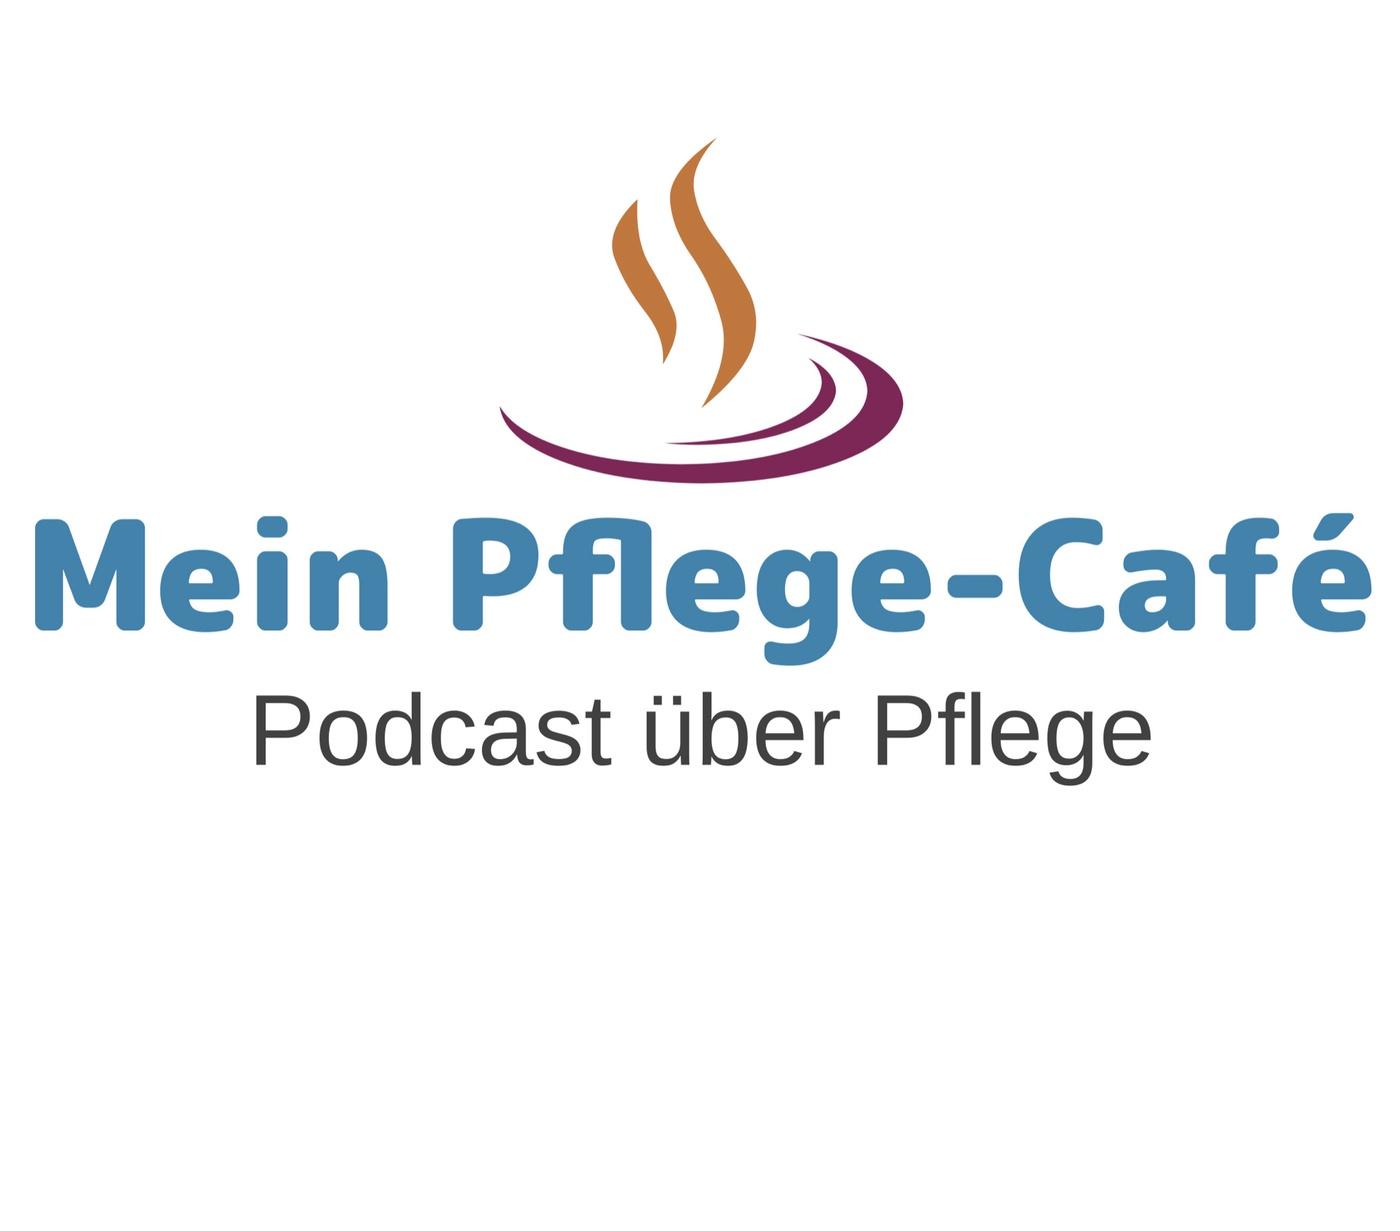 Mein Pflege-Café - Die Pflegeversicherung einfach erklärt